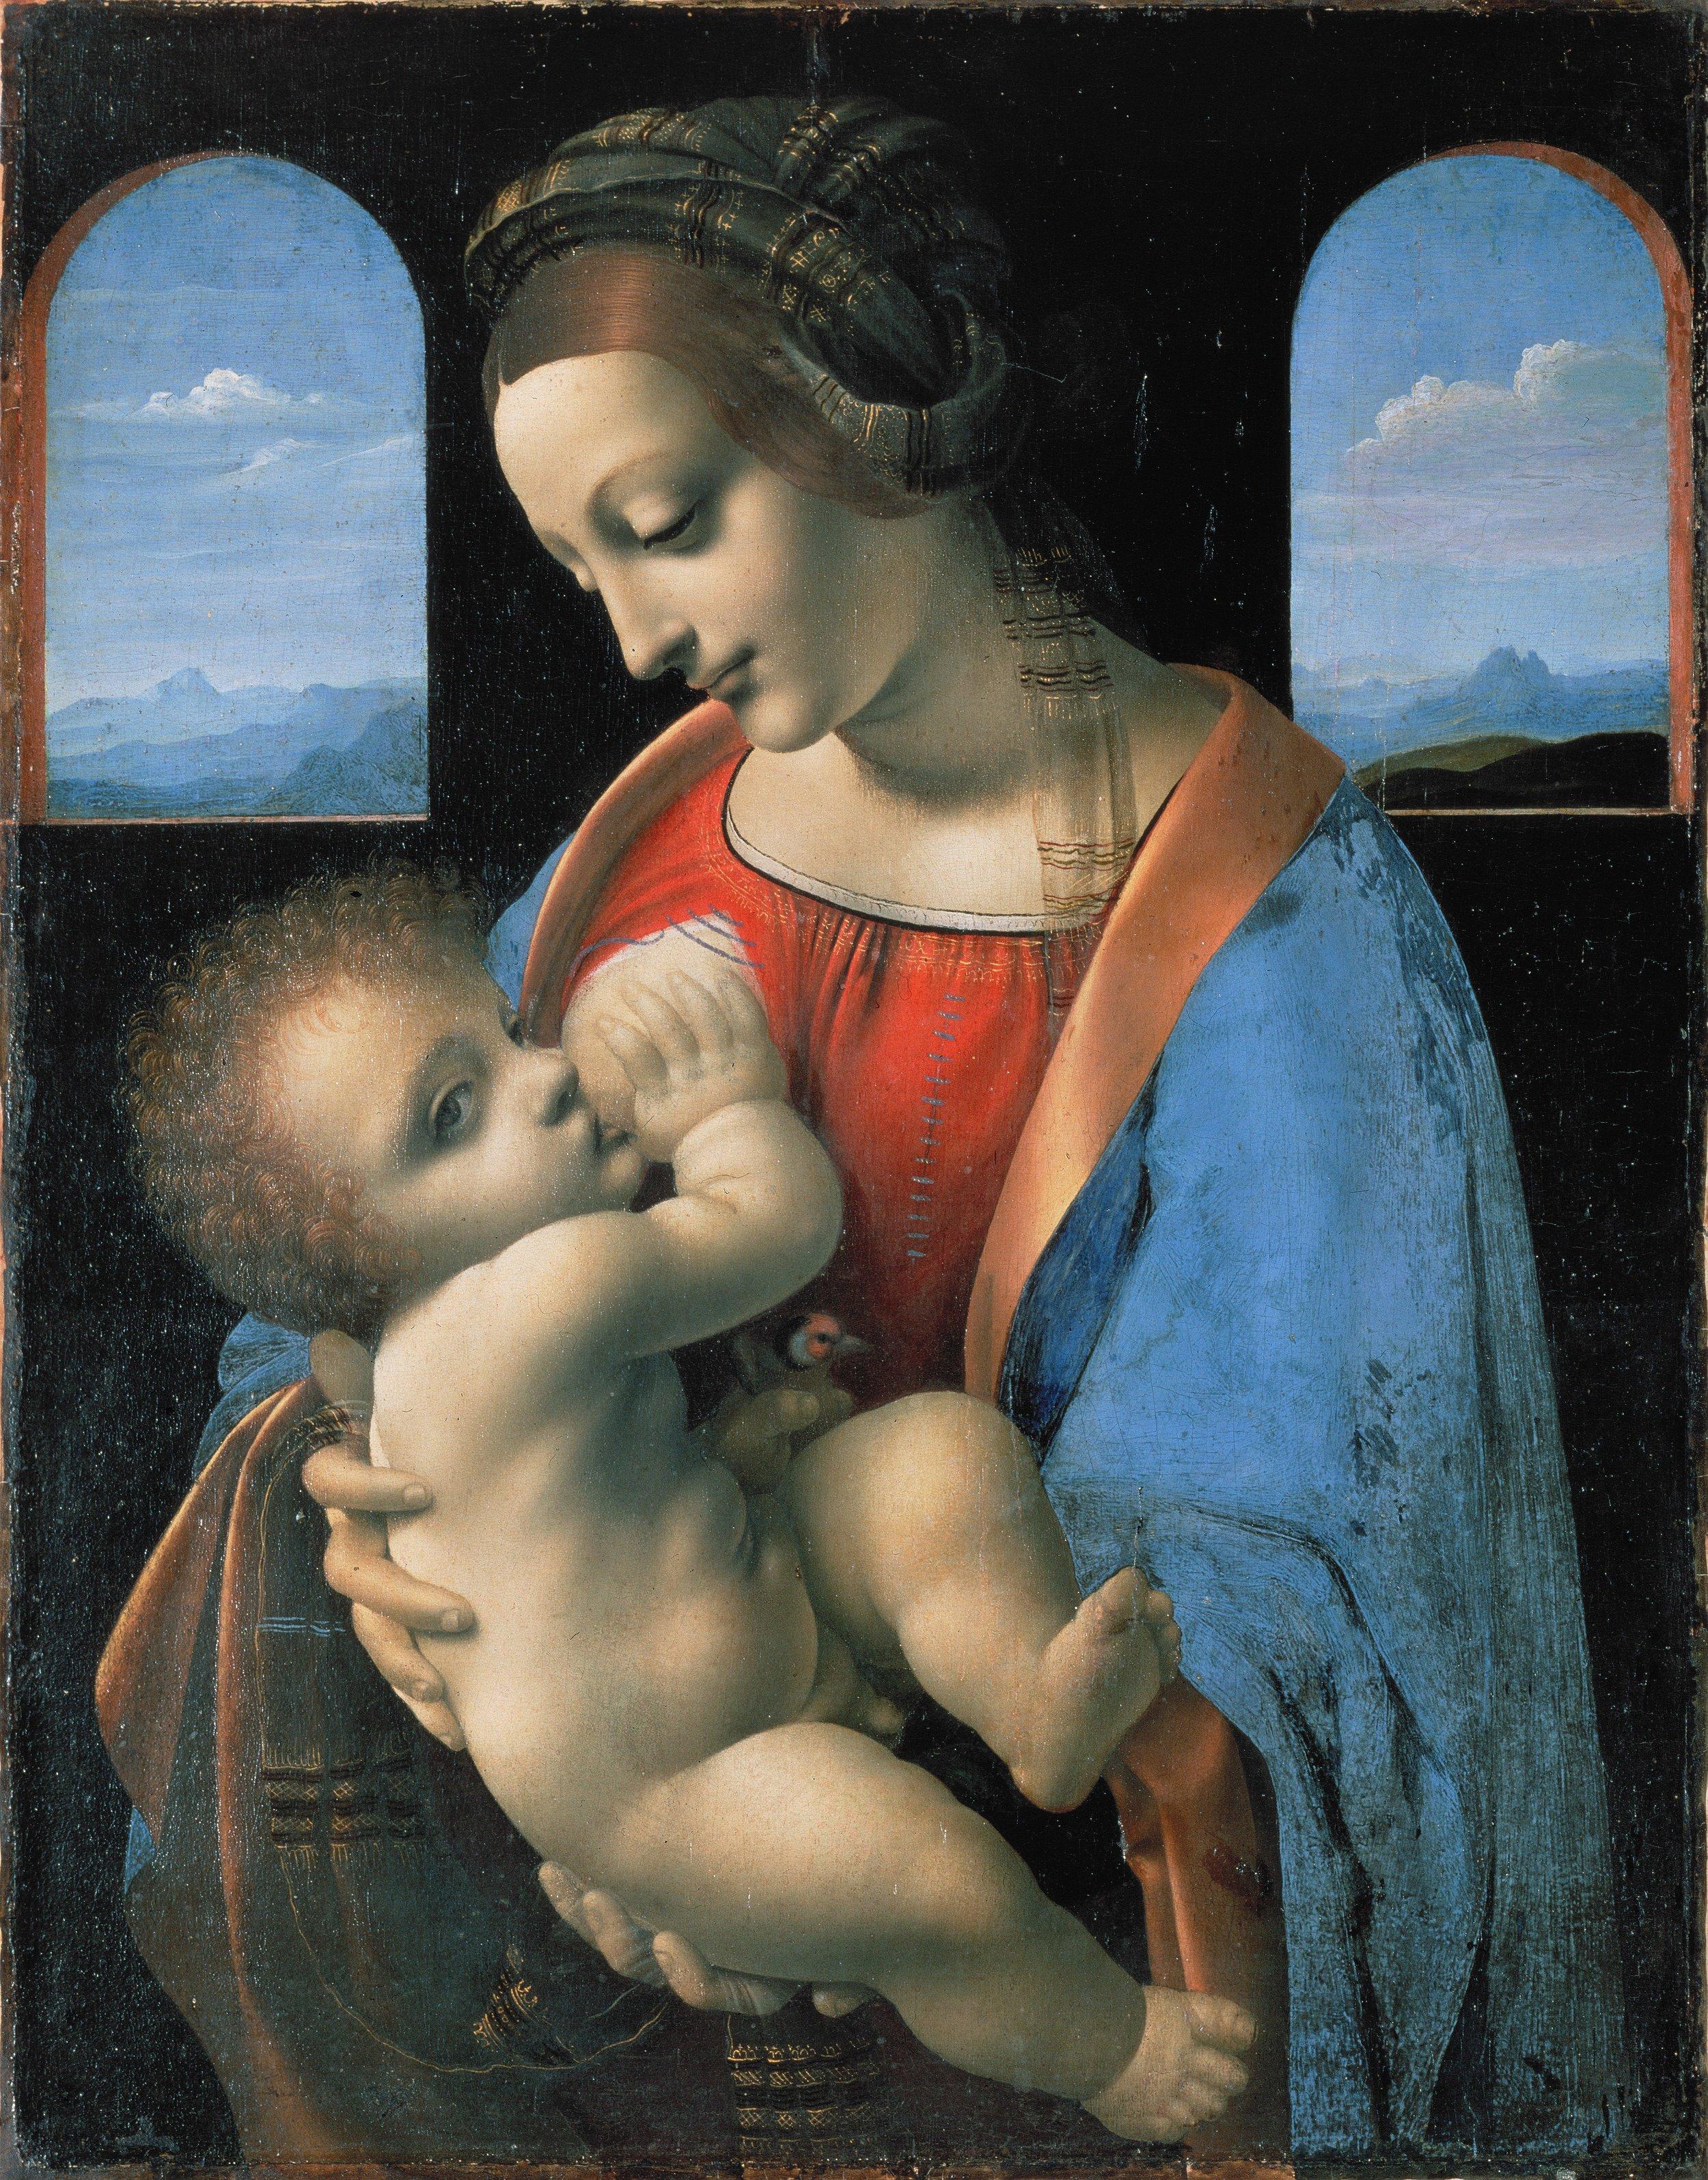 Madonna Litta, Leonardo da Vinci, c. 1490